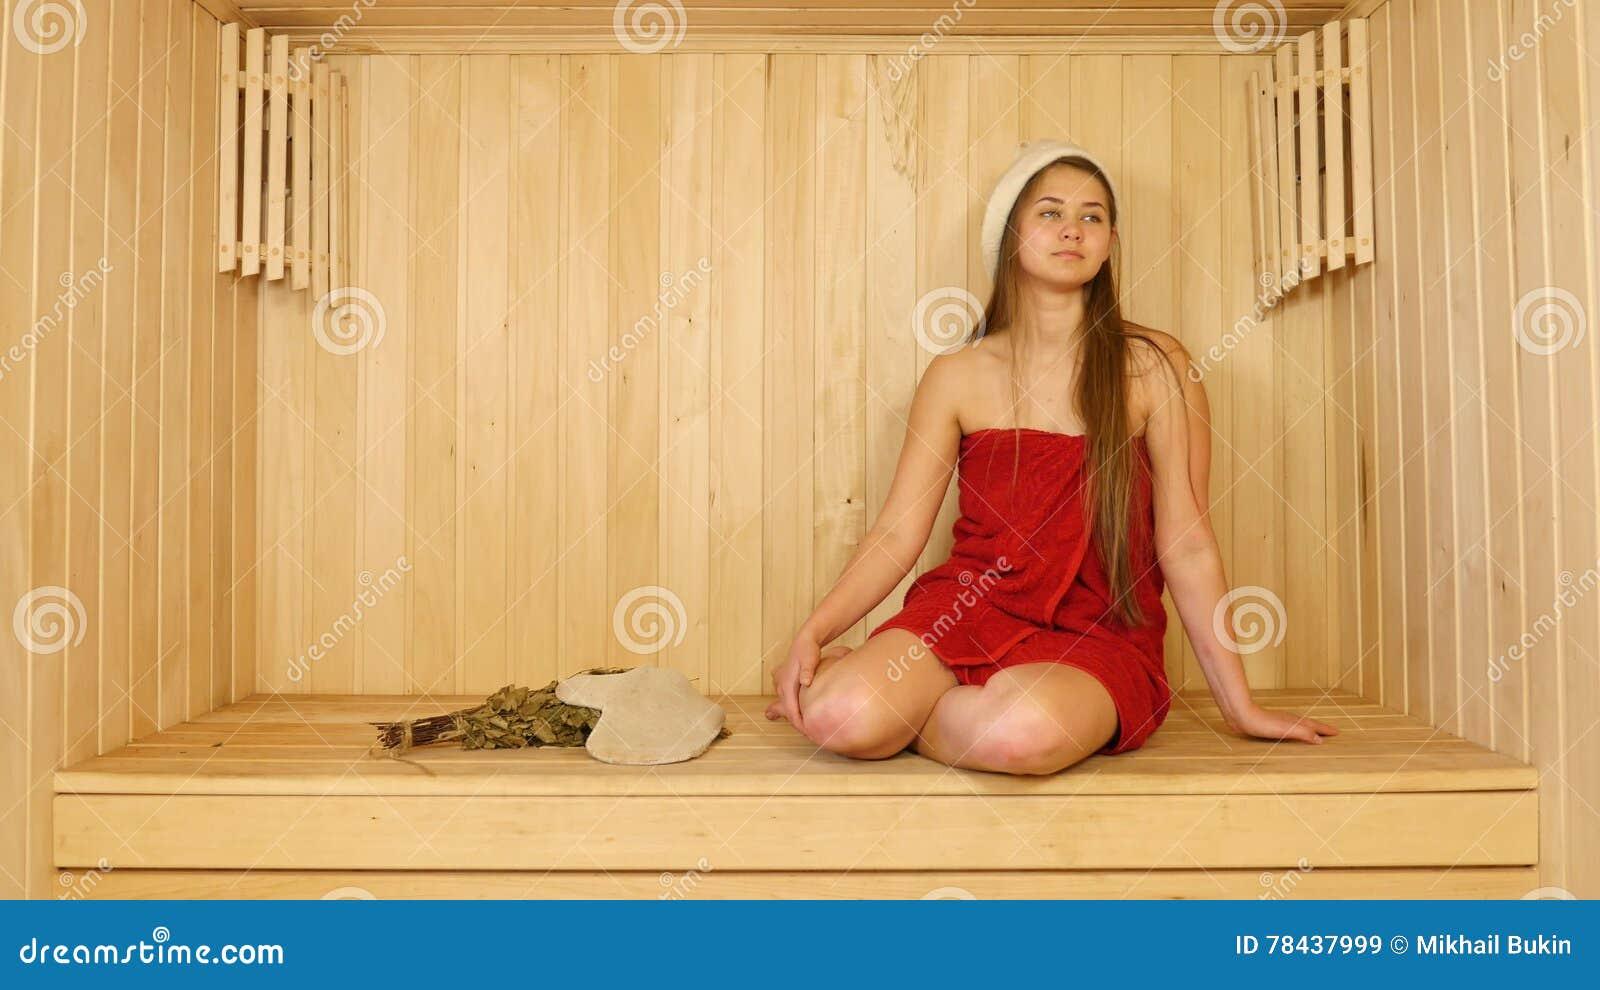 Фото голых баб за 50 в бане, Голые девушки в бане - красивые русские бабы 21 фотография